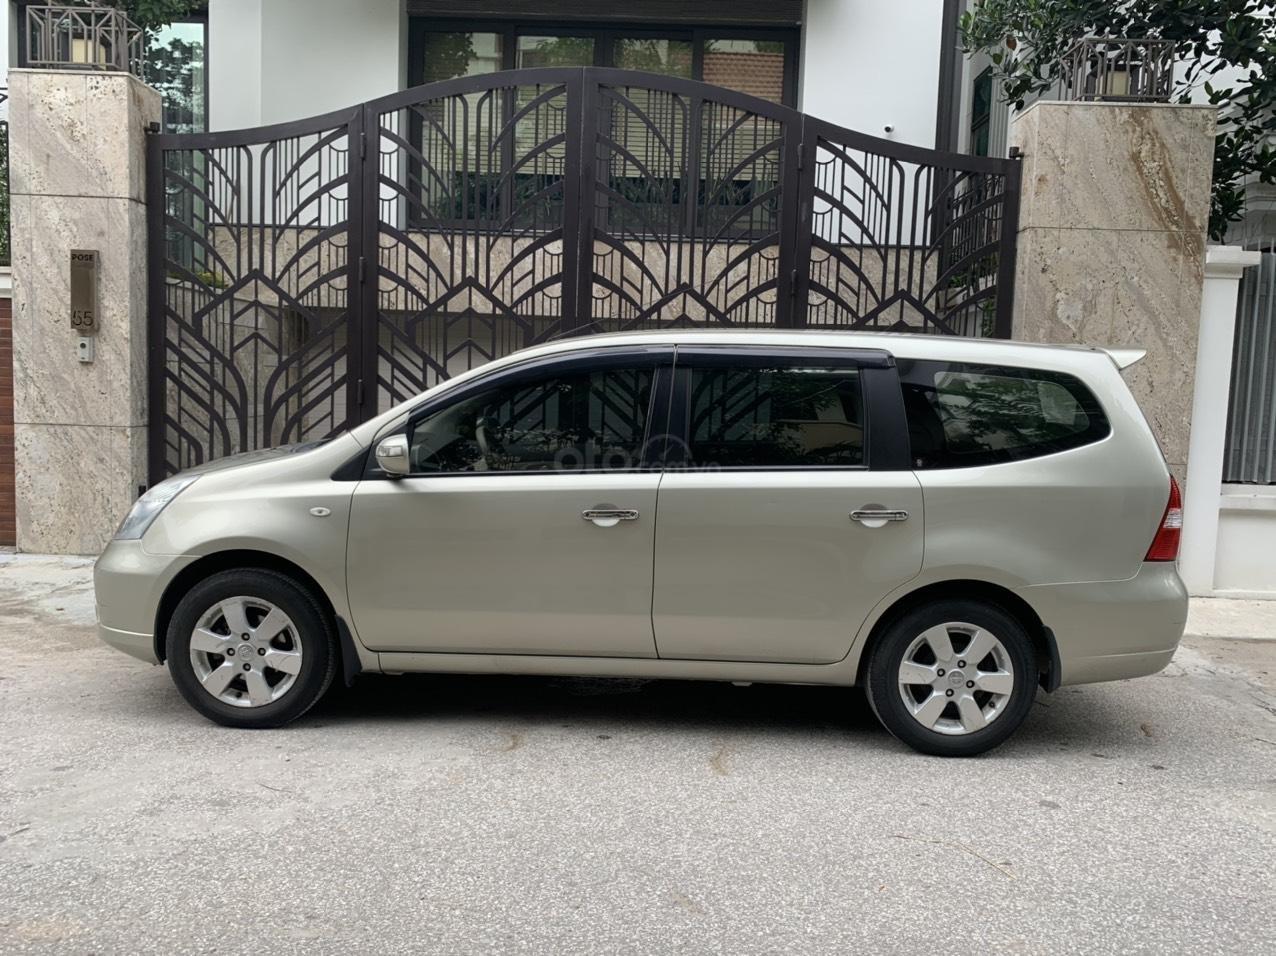 Bán Nissan Grand Livina năm 2011, số tự động 7 chỗ, chính chủ dùng (11)